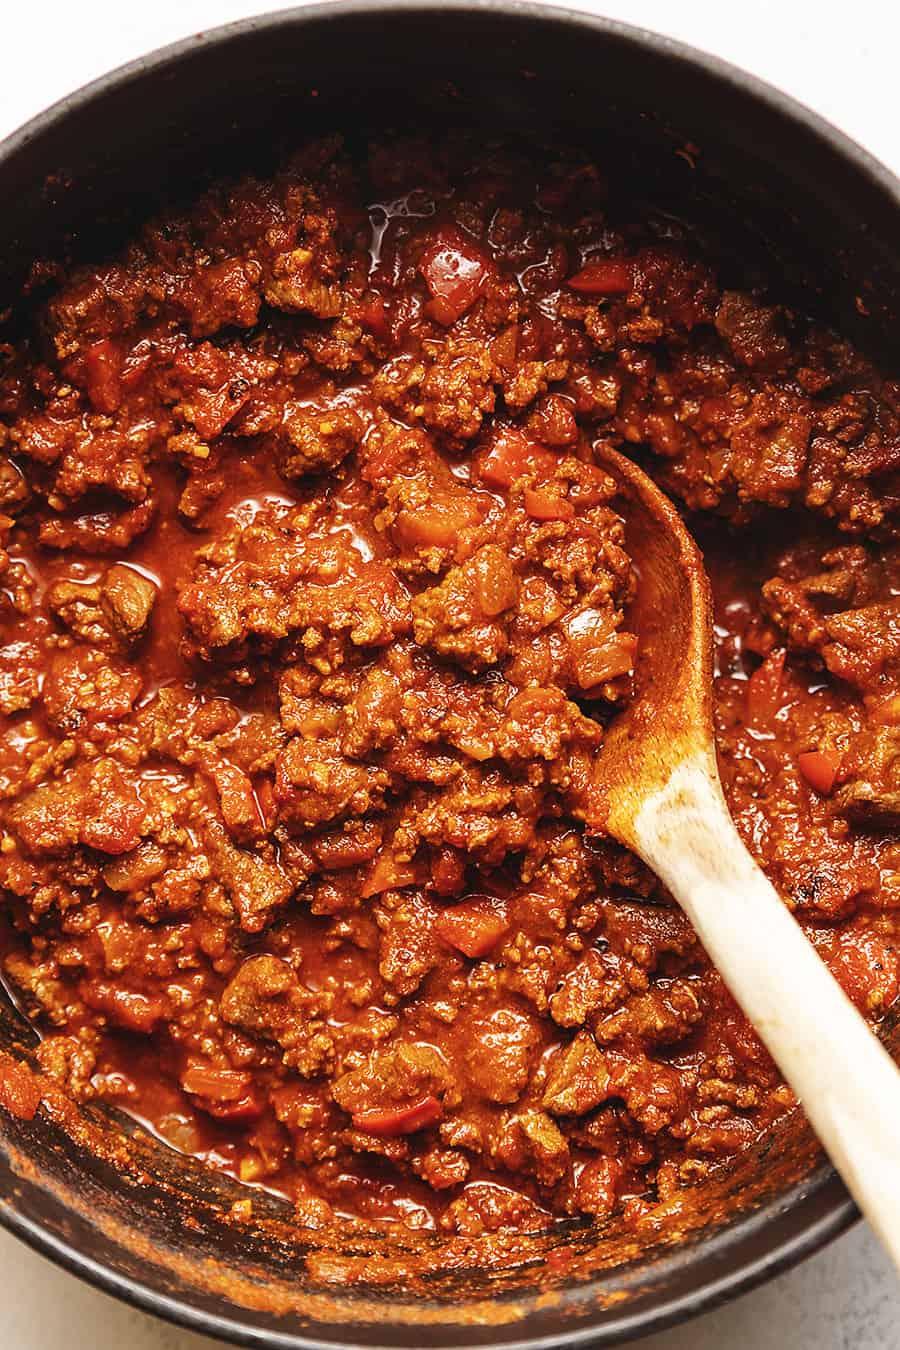 keto chili in a red pot